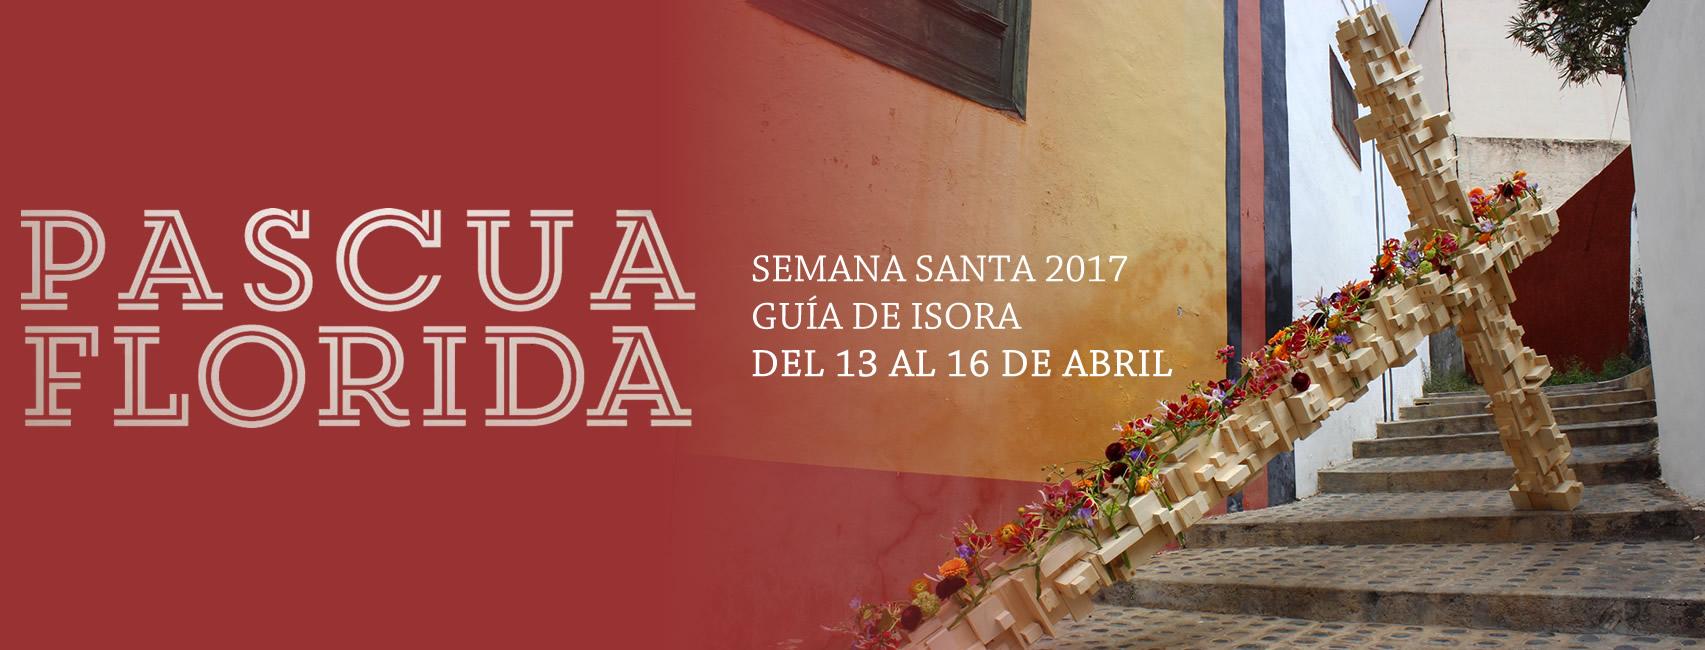 Цветочная пасха в Гия-де-Исора (IX Edición de la Pascua Florida)